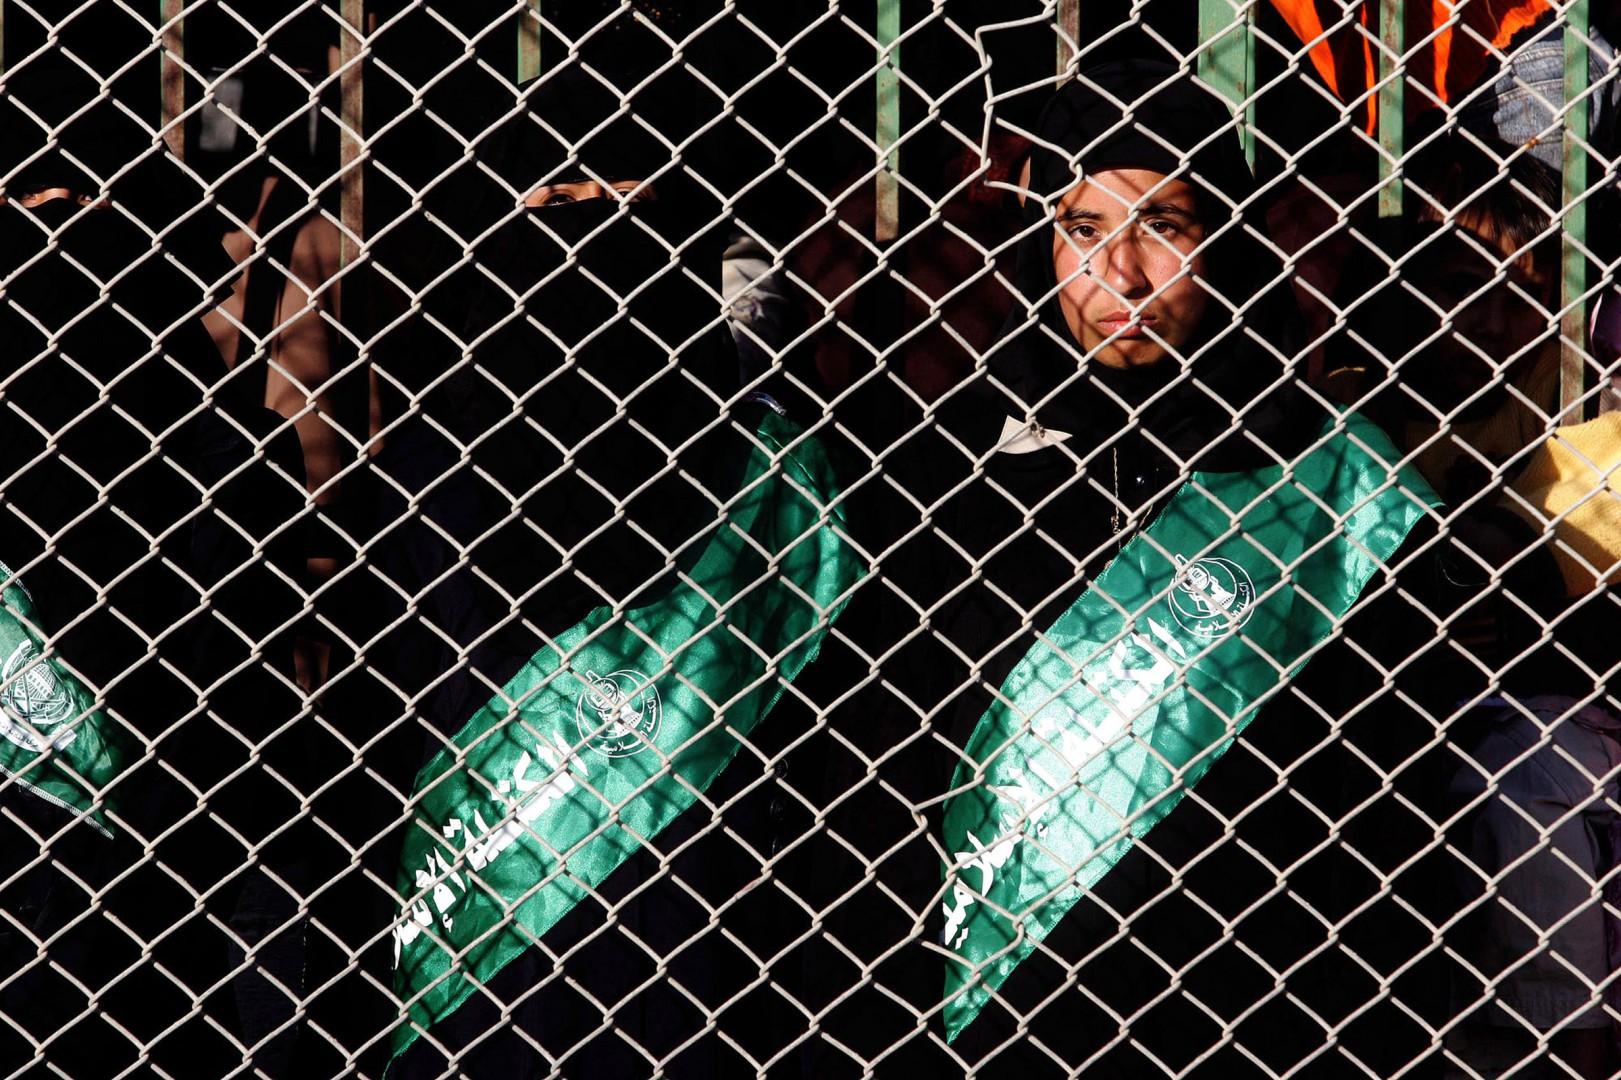 Una sostenitrice di Hamas nella striscia di Gaza (LaPresse)